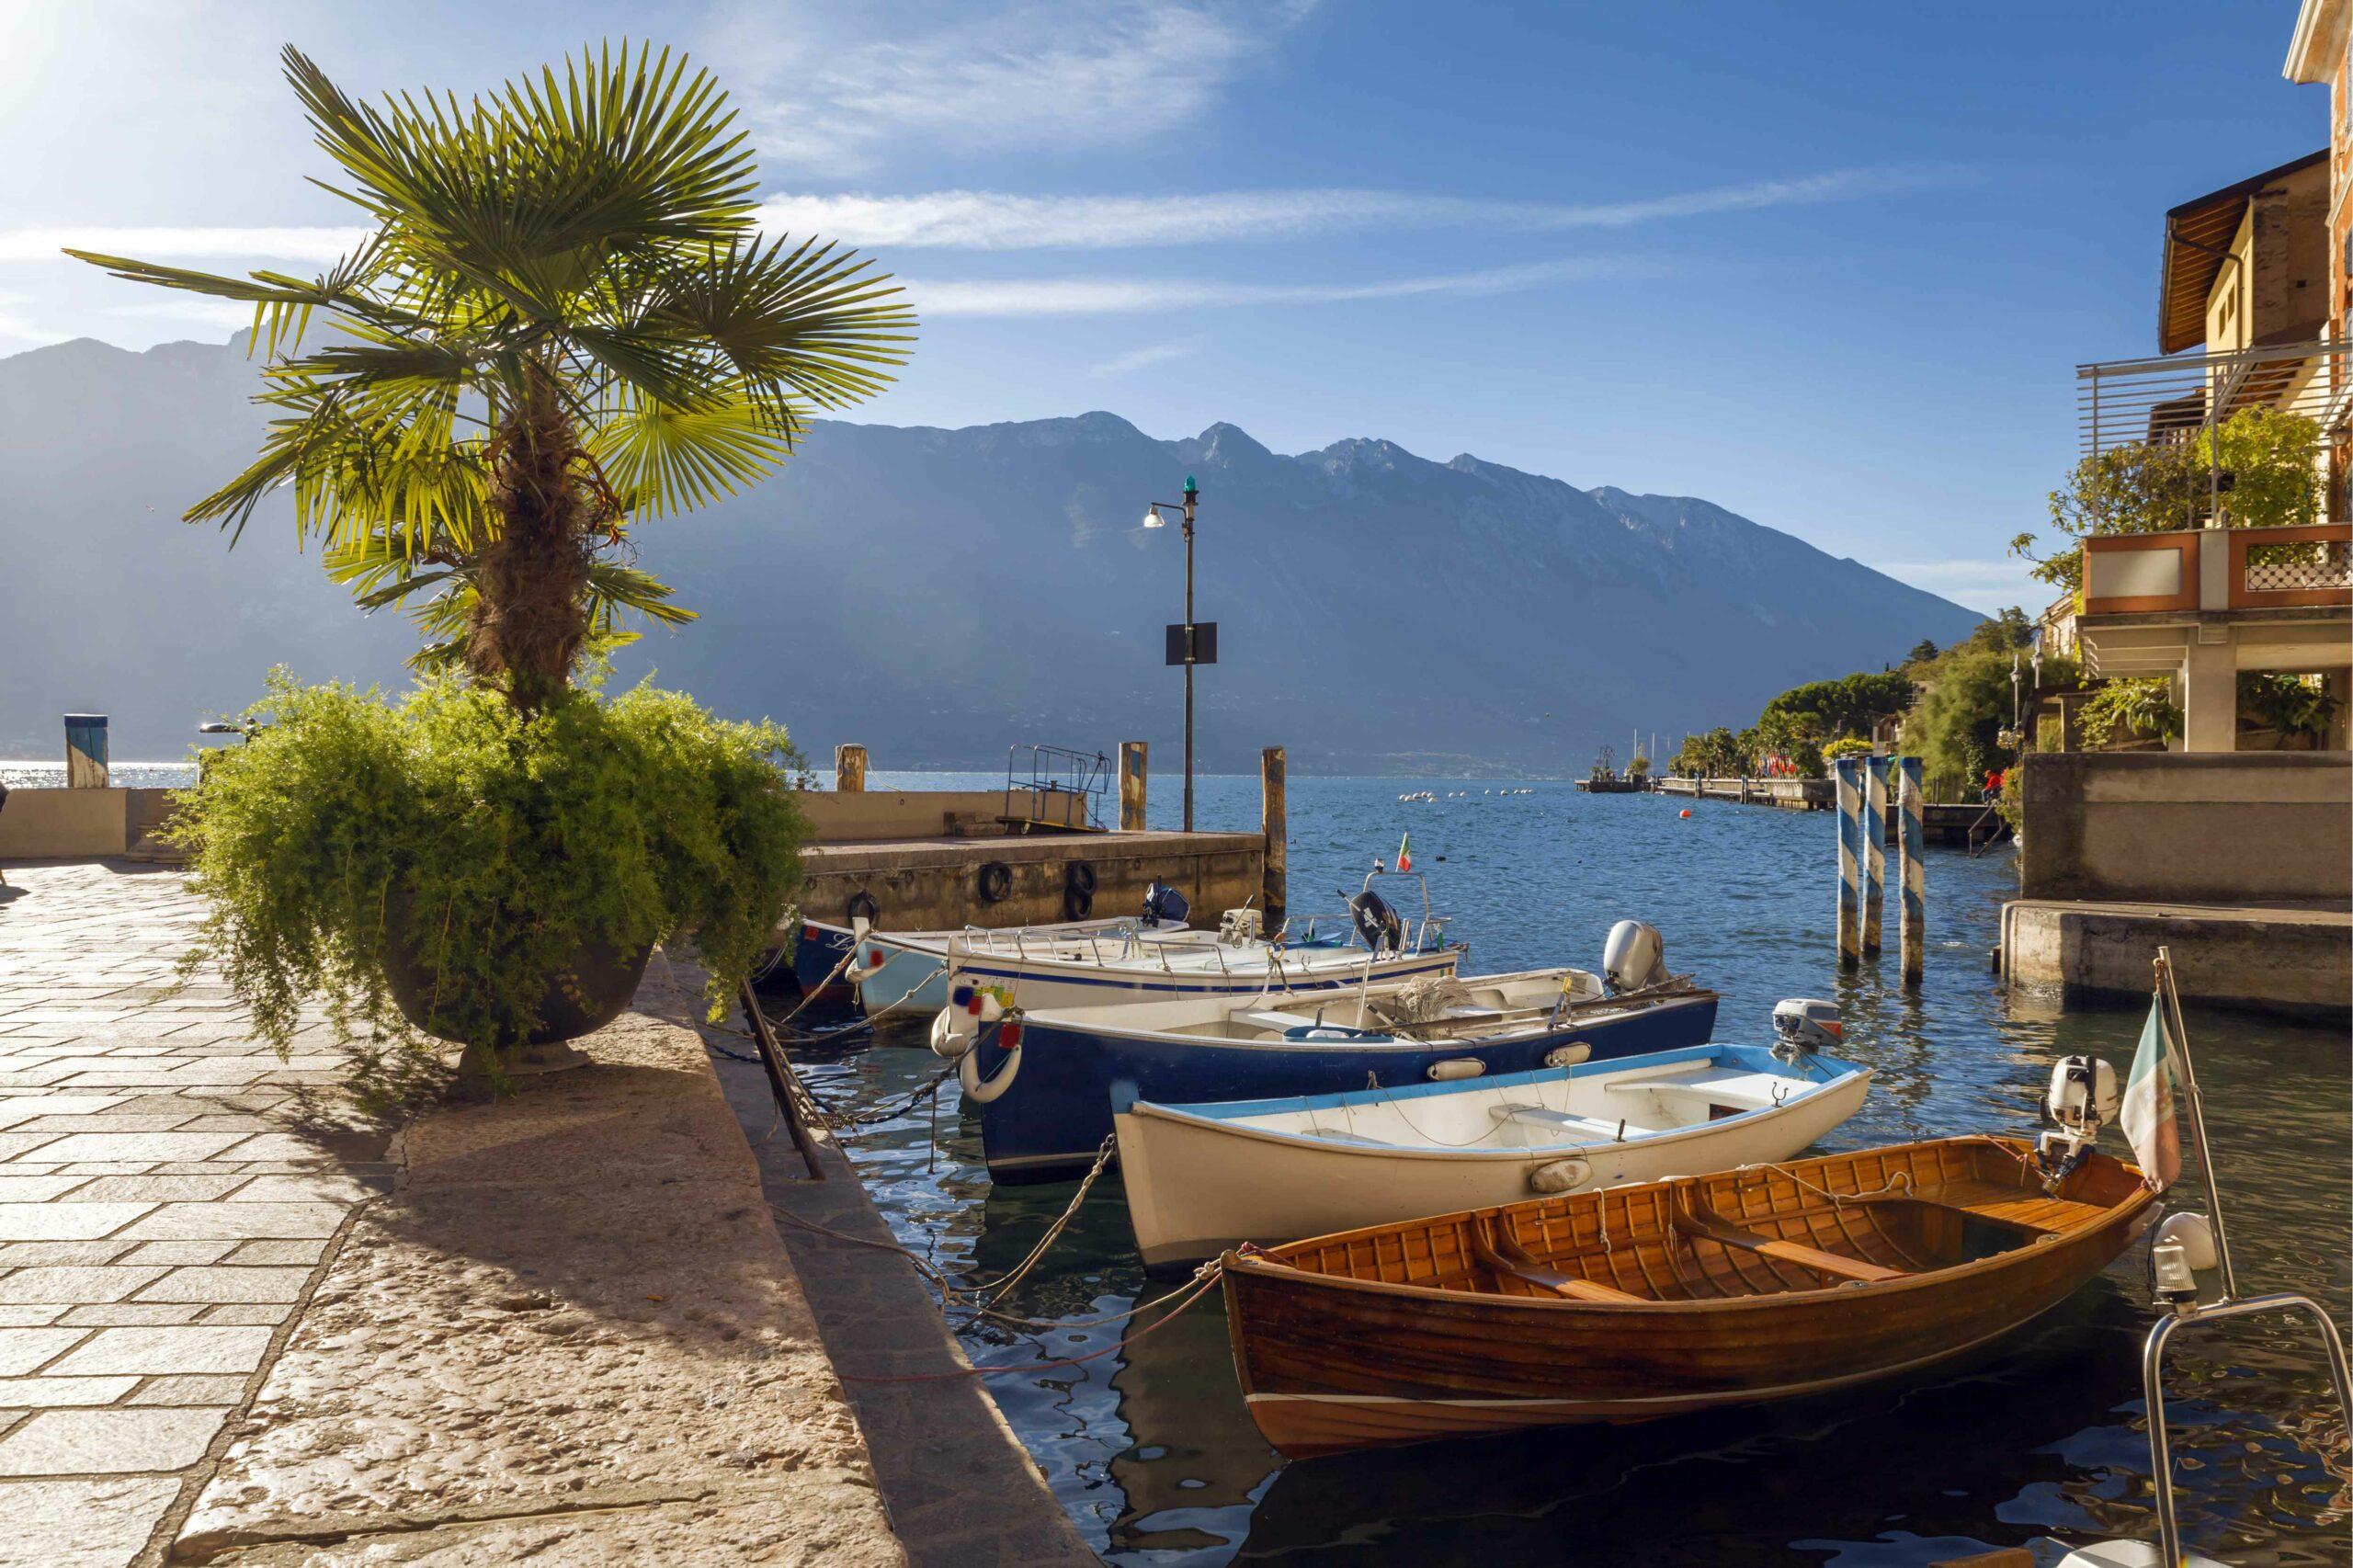 Boats docked along Lake Garda, Italy